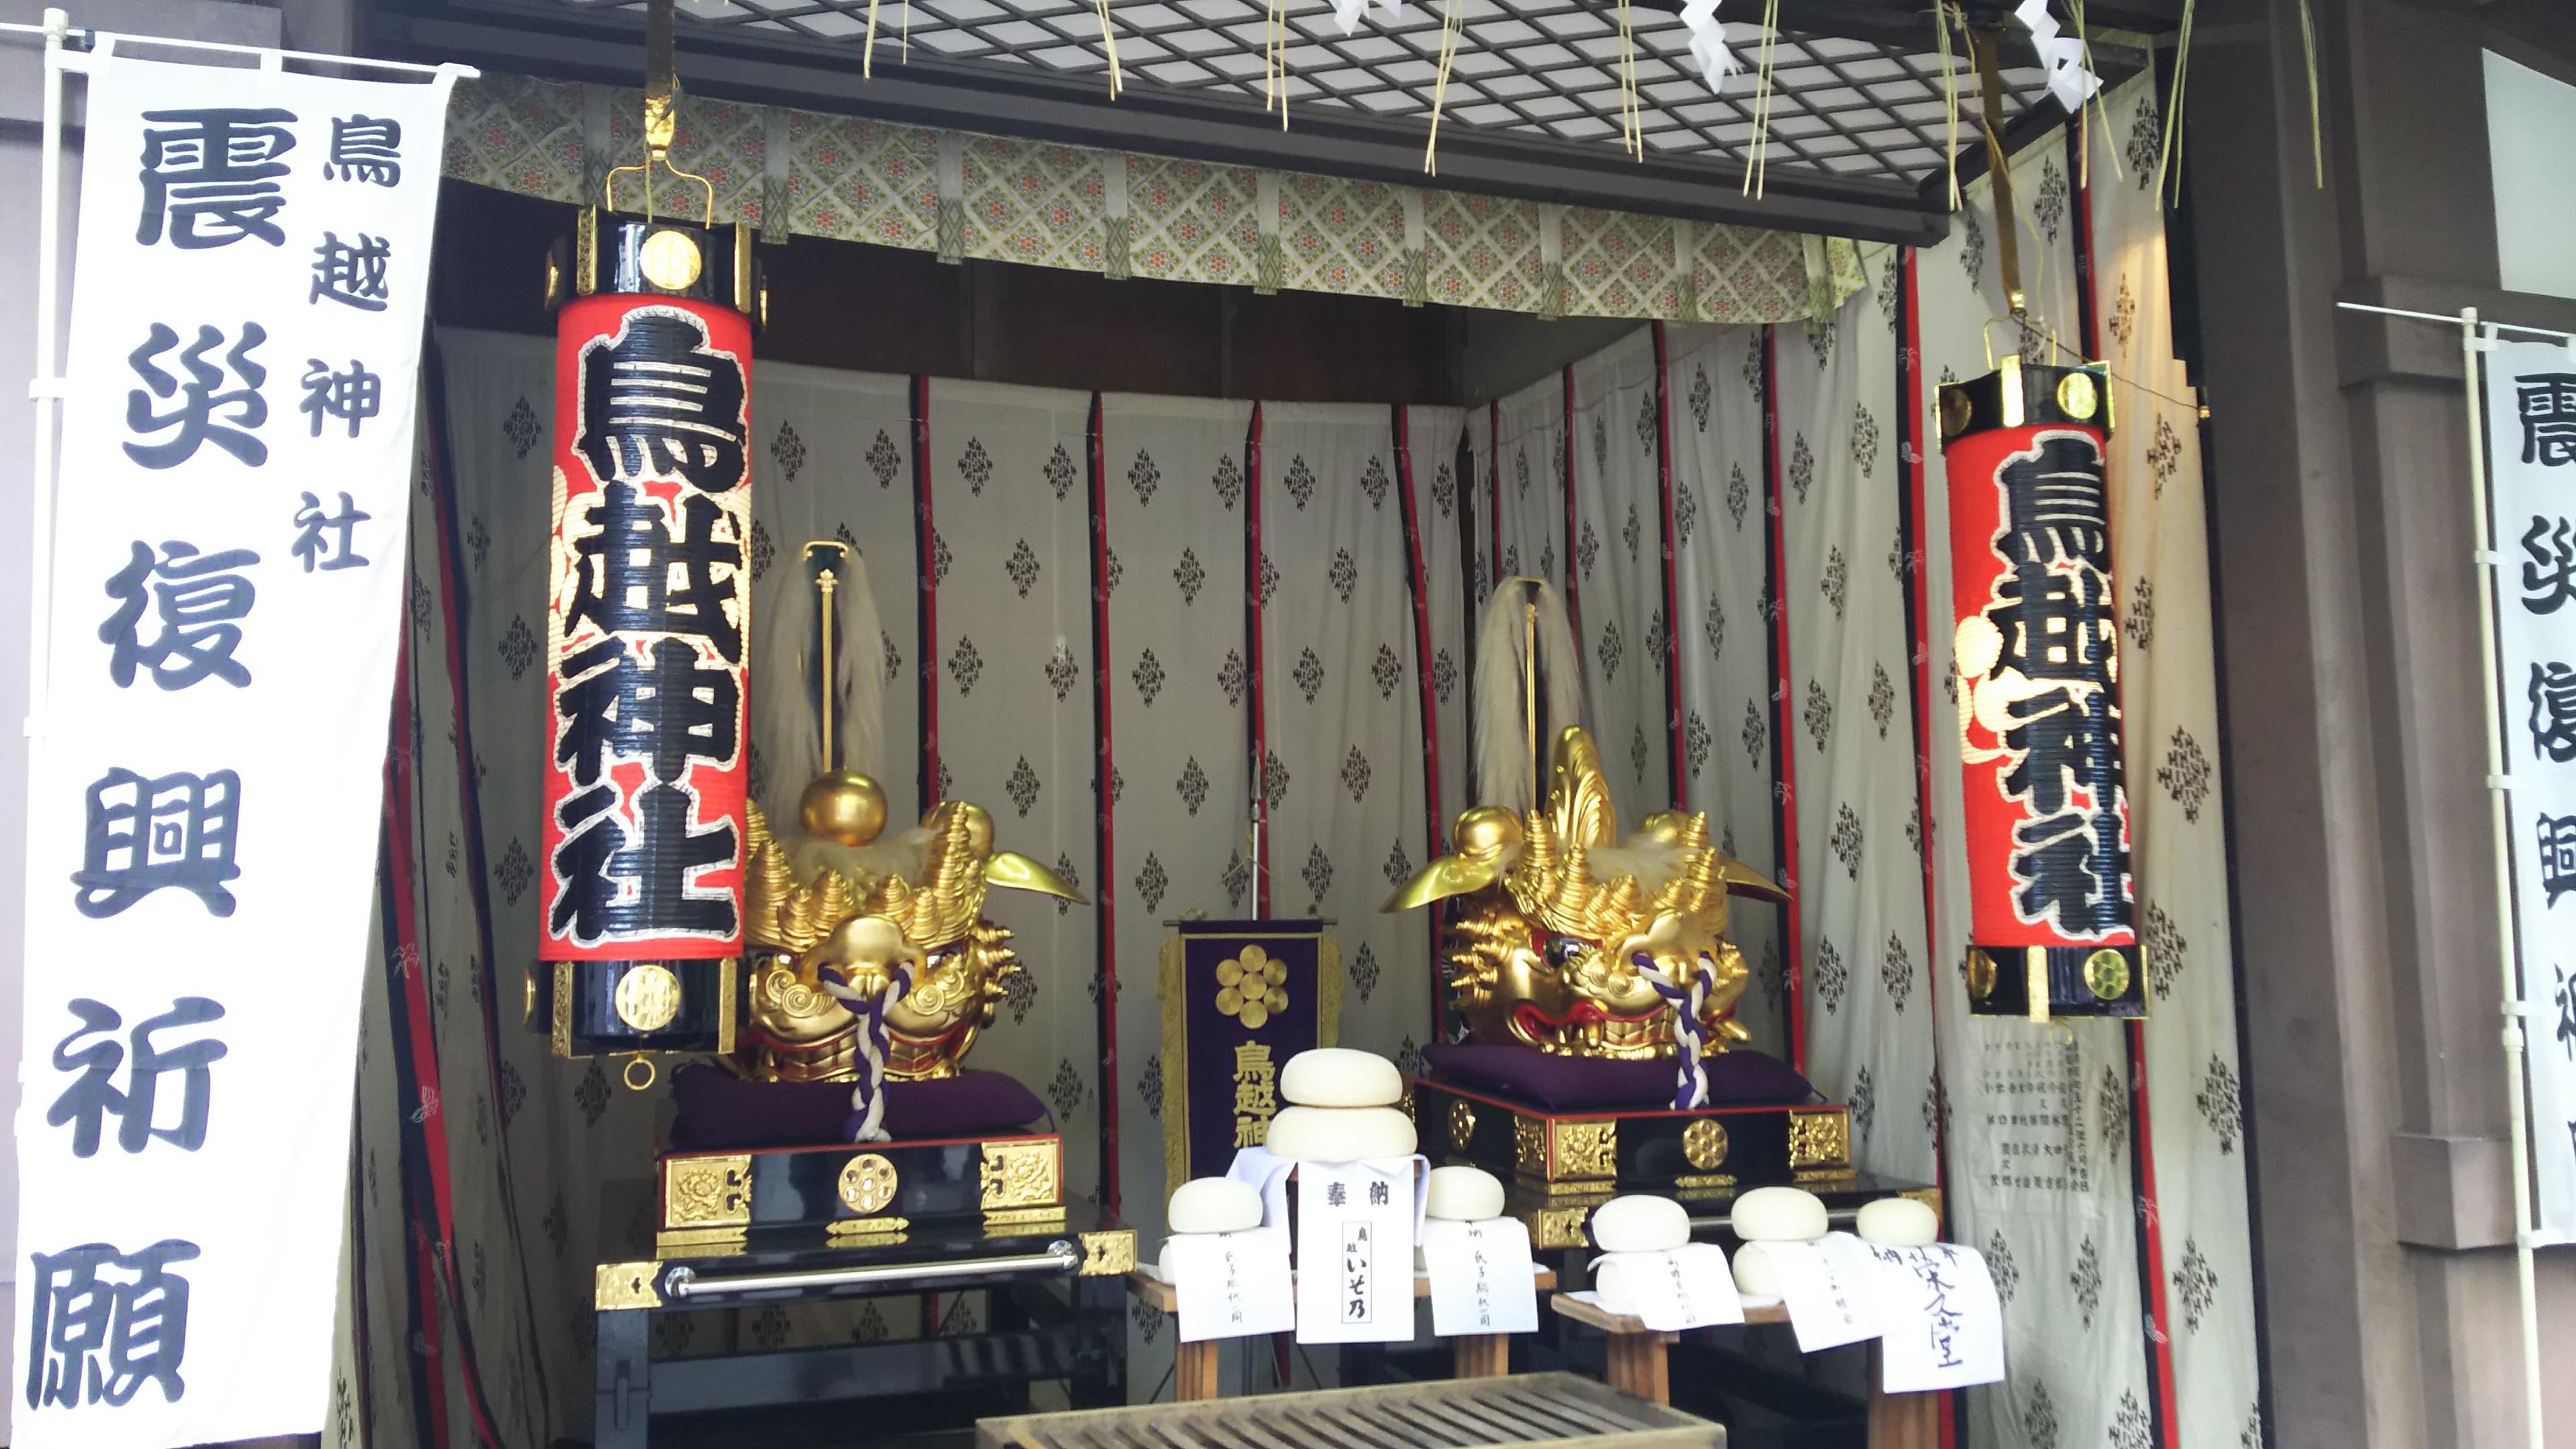 鳥越神社のお祭り